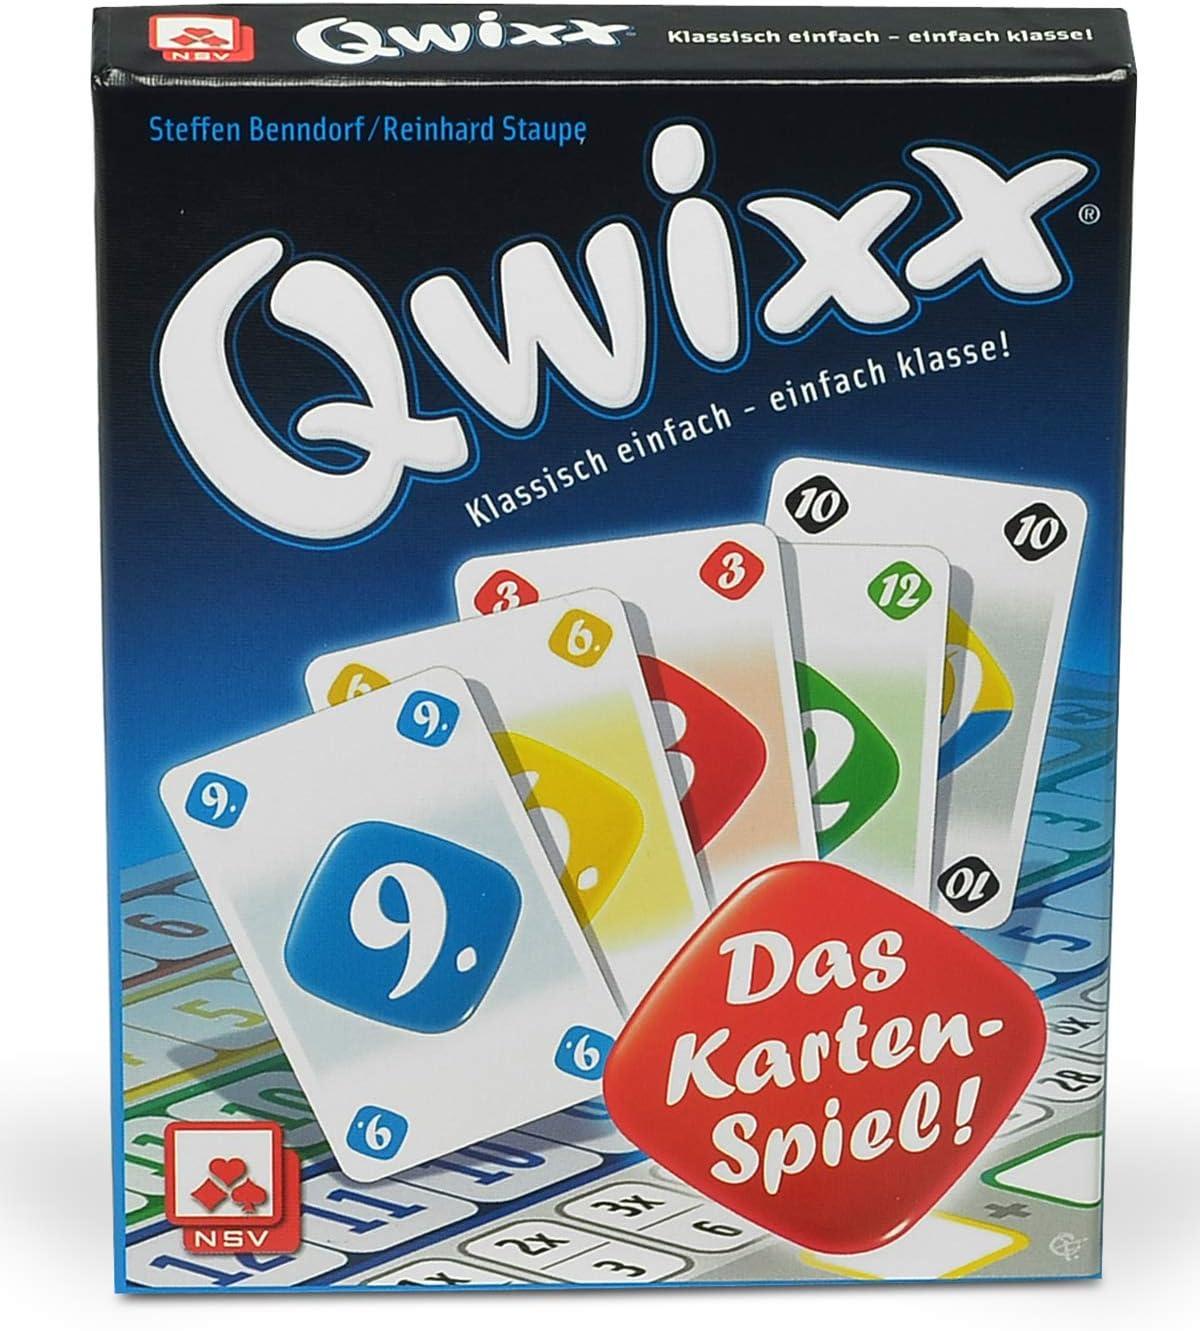 Nsv Qwixx - Das Kartenspiel [Importato Dalla Germania]